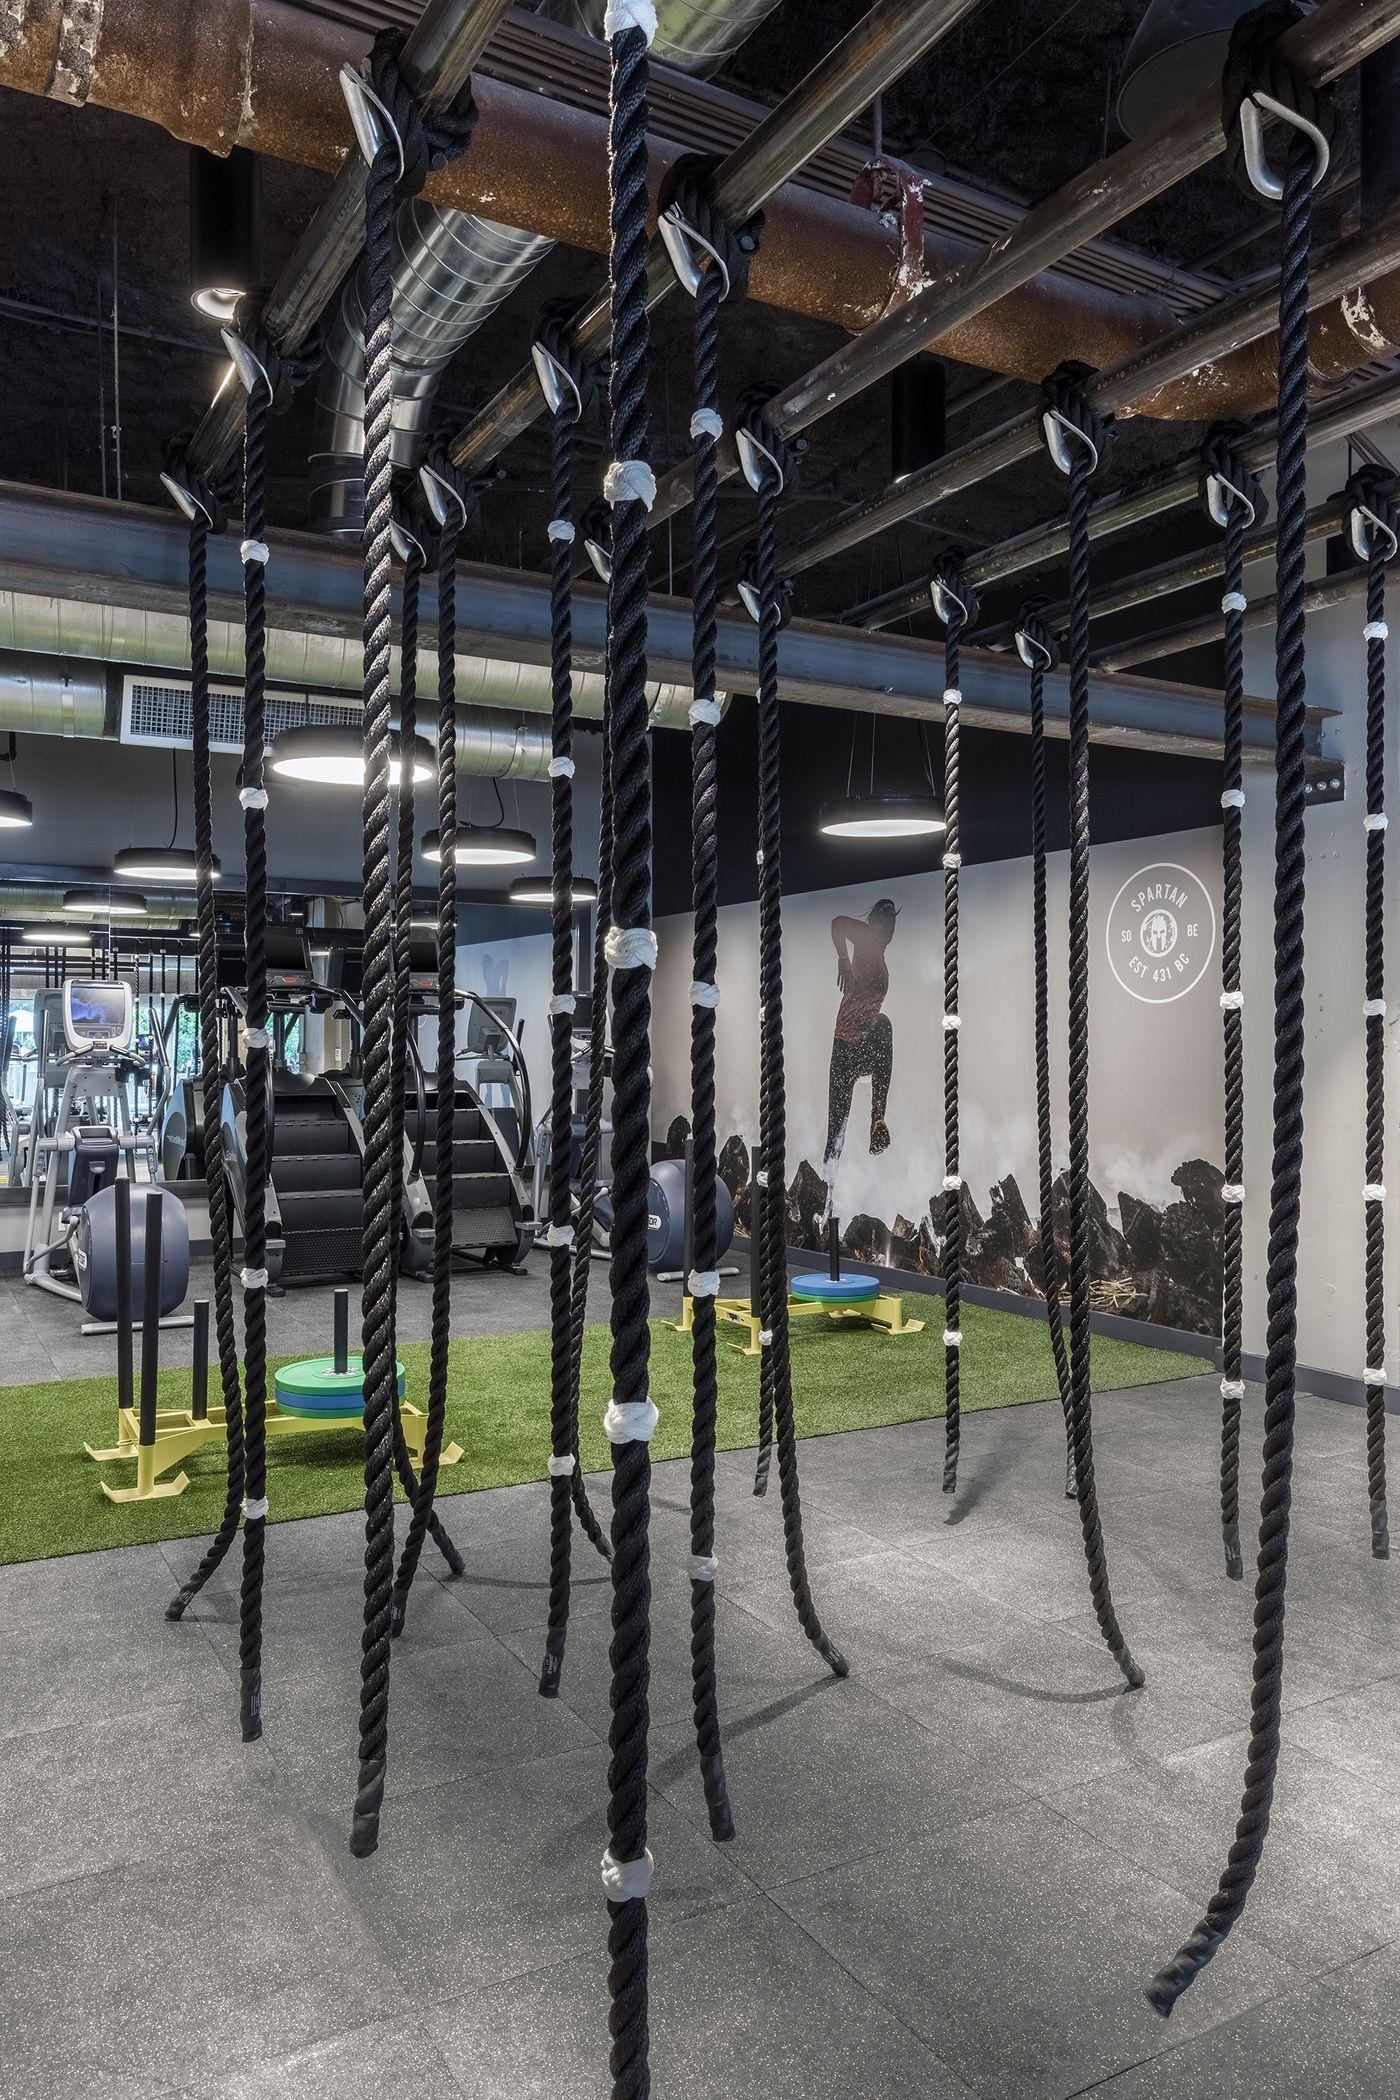 Tour 1 Hotel South Beach S New Spartan Gym Gym Interior Gym Design Spartan Gym